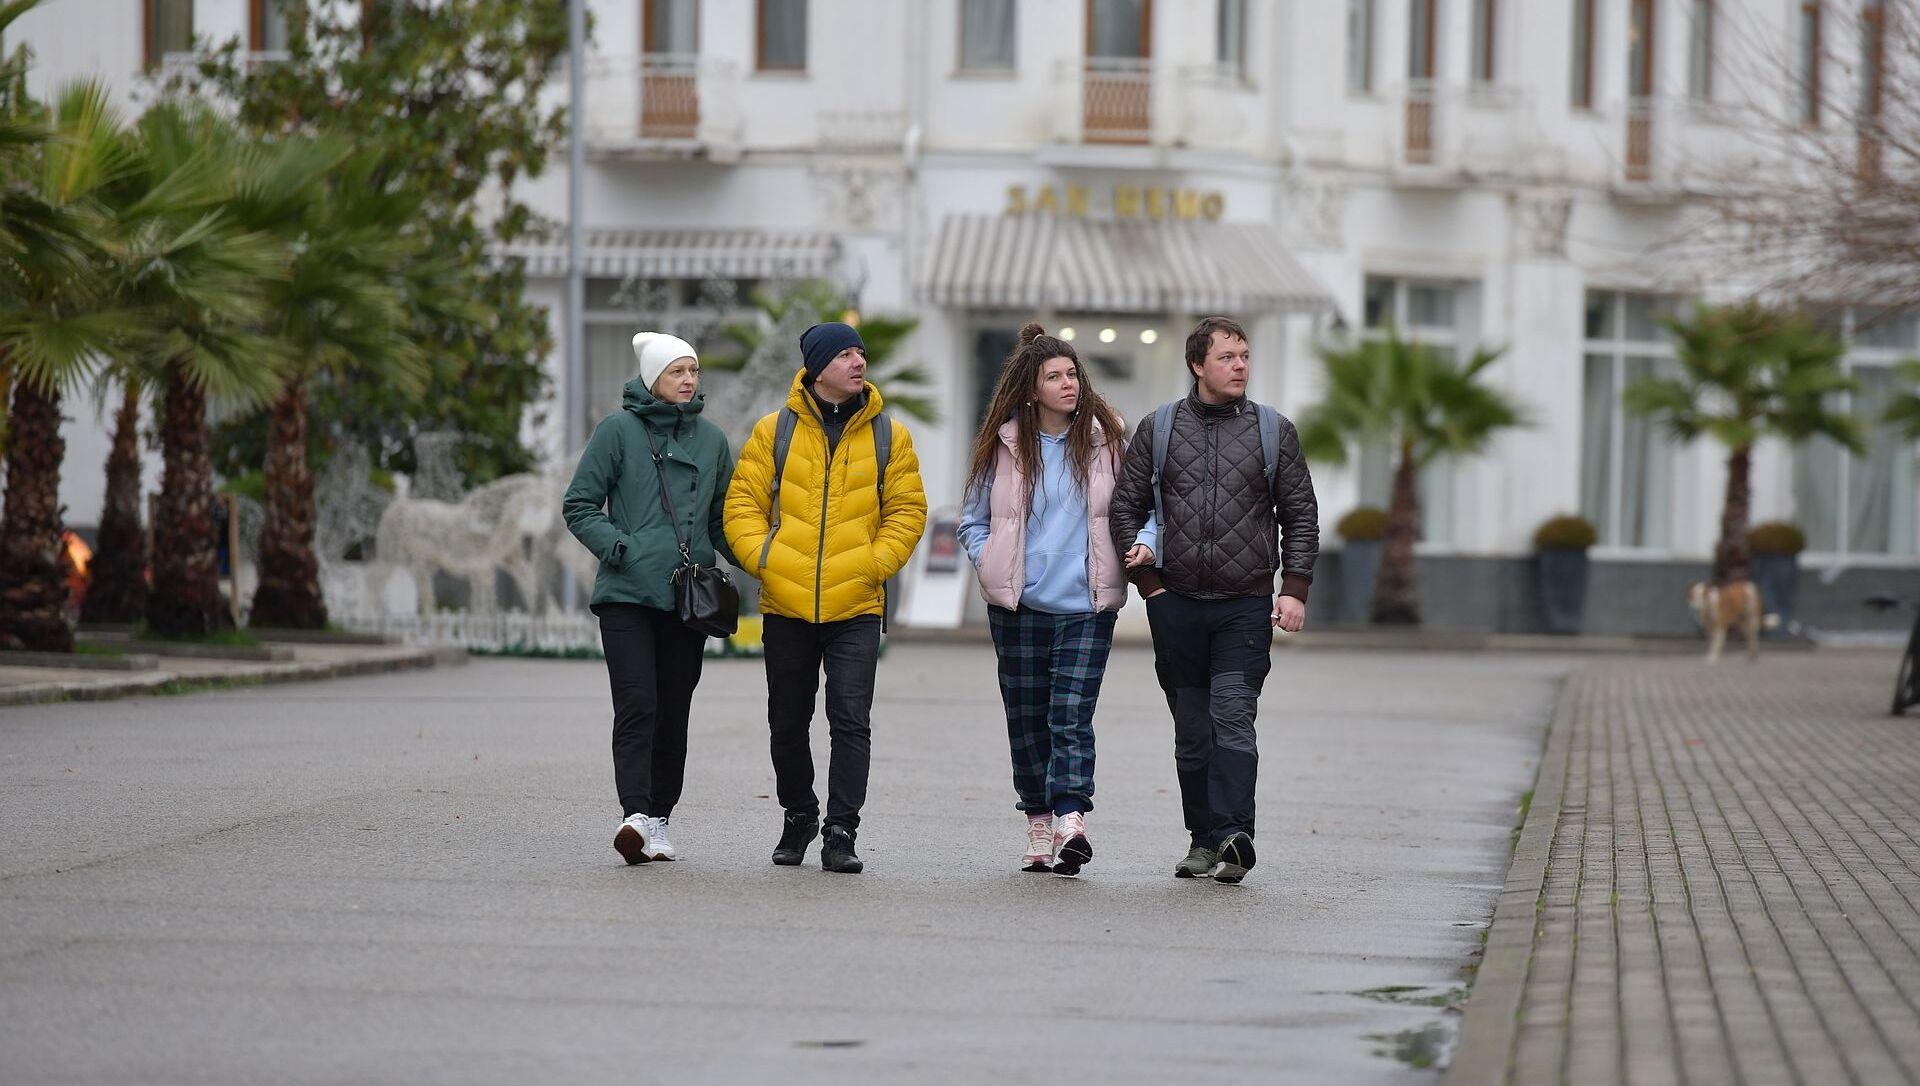 Туристы на набережной  - Sputnik Аҧсны, 1920, 16.02.2021